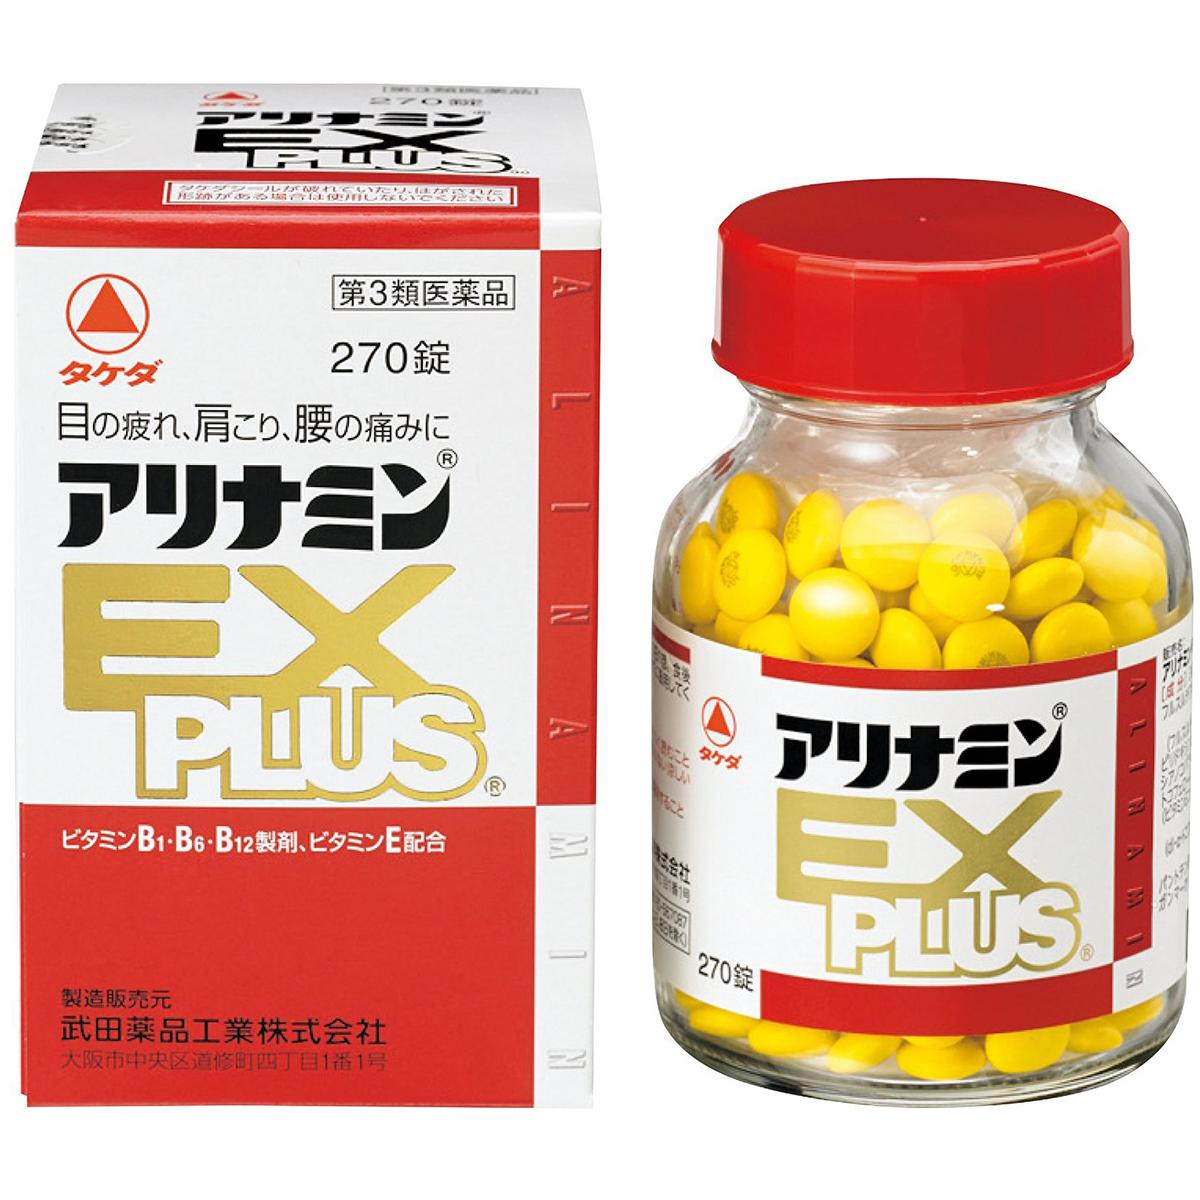 錠 プラス 270 アリナミン ex